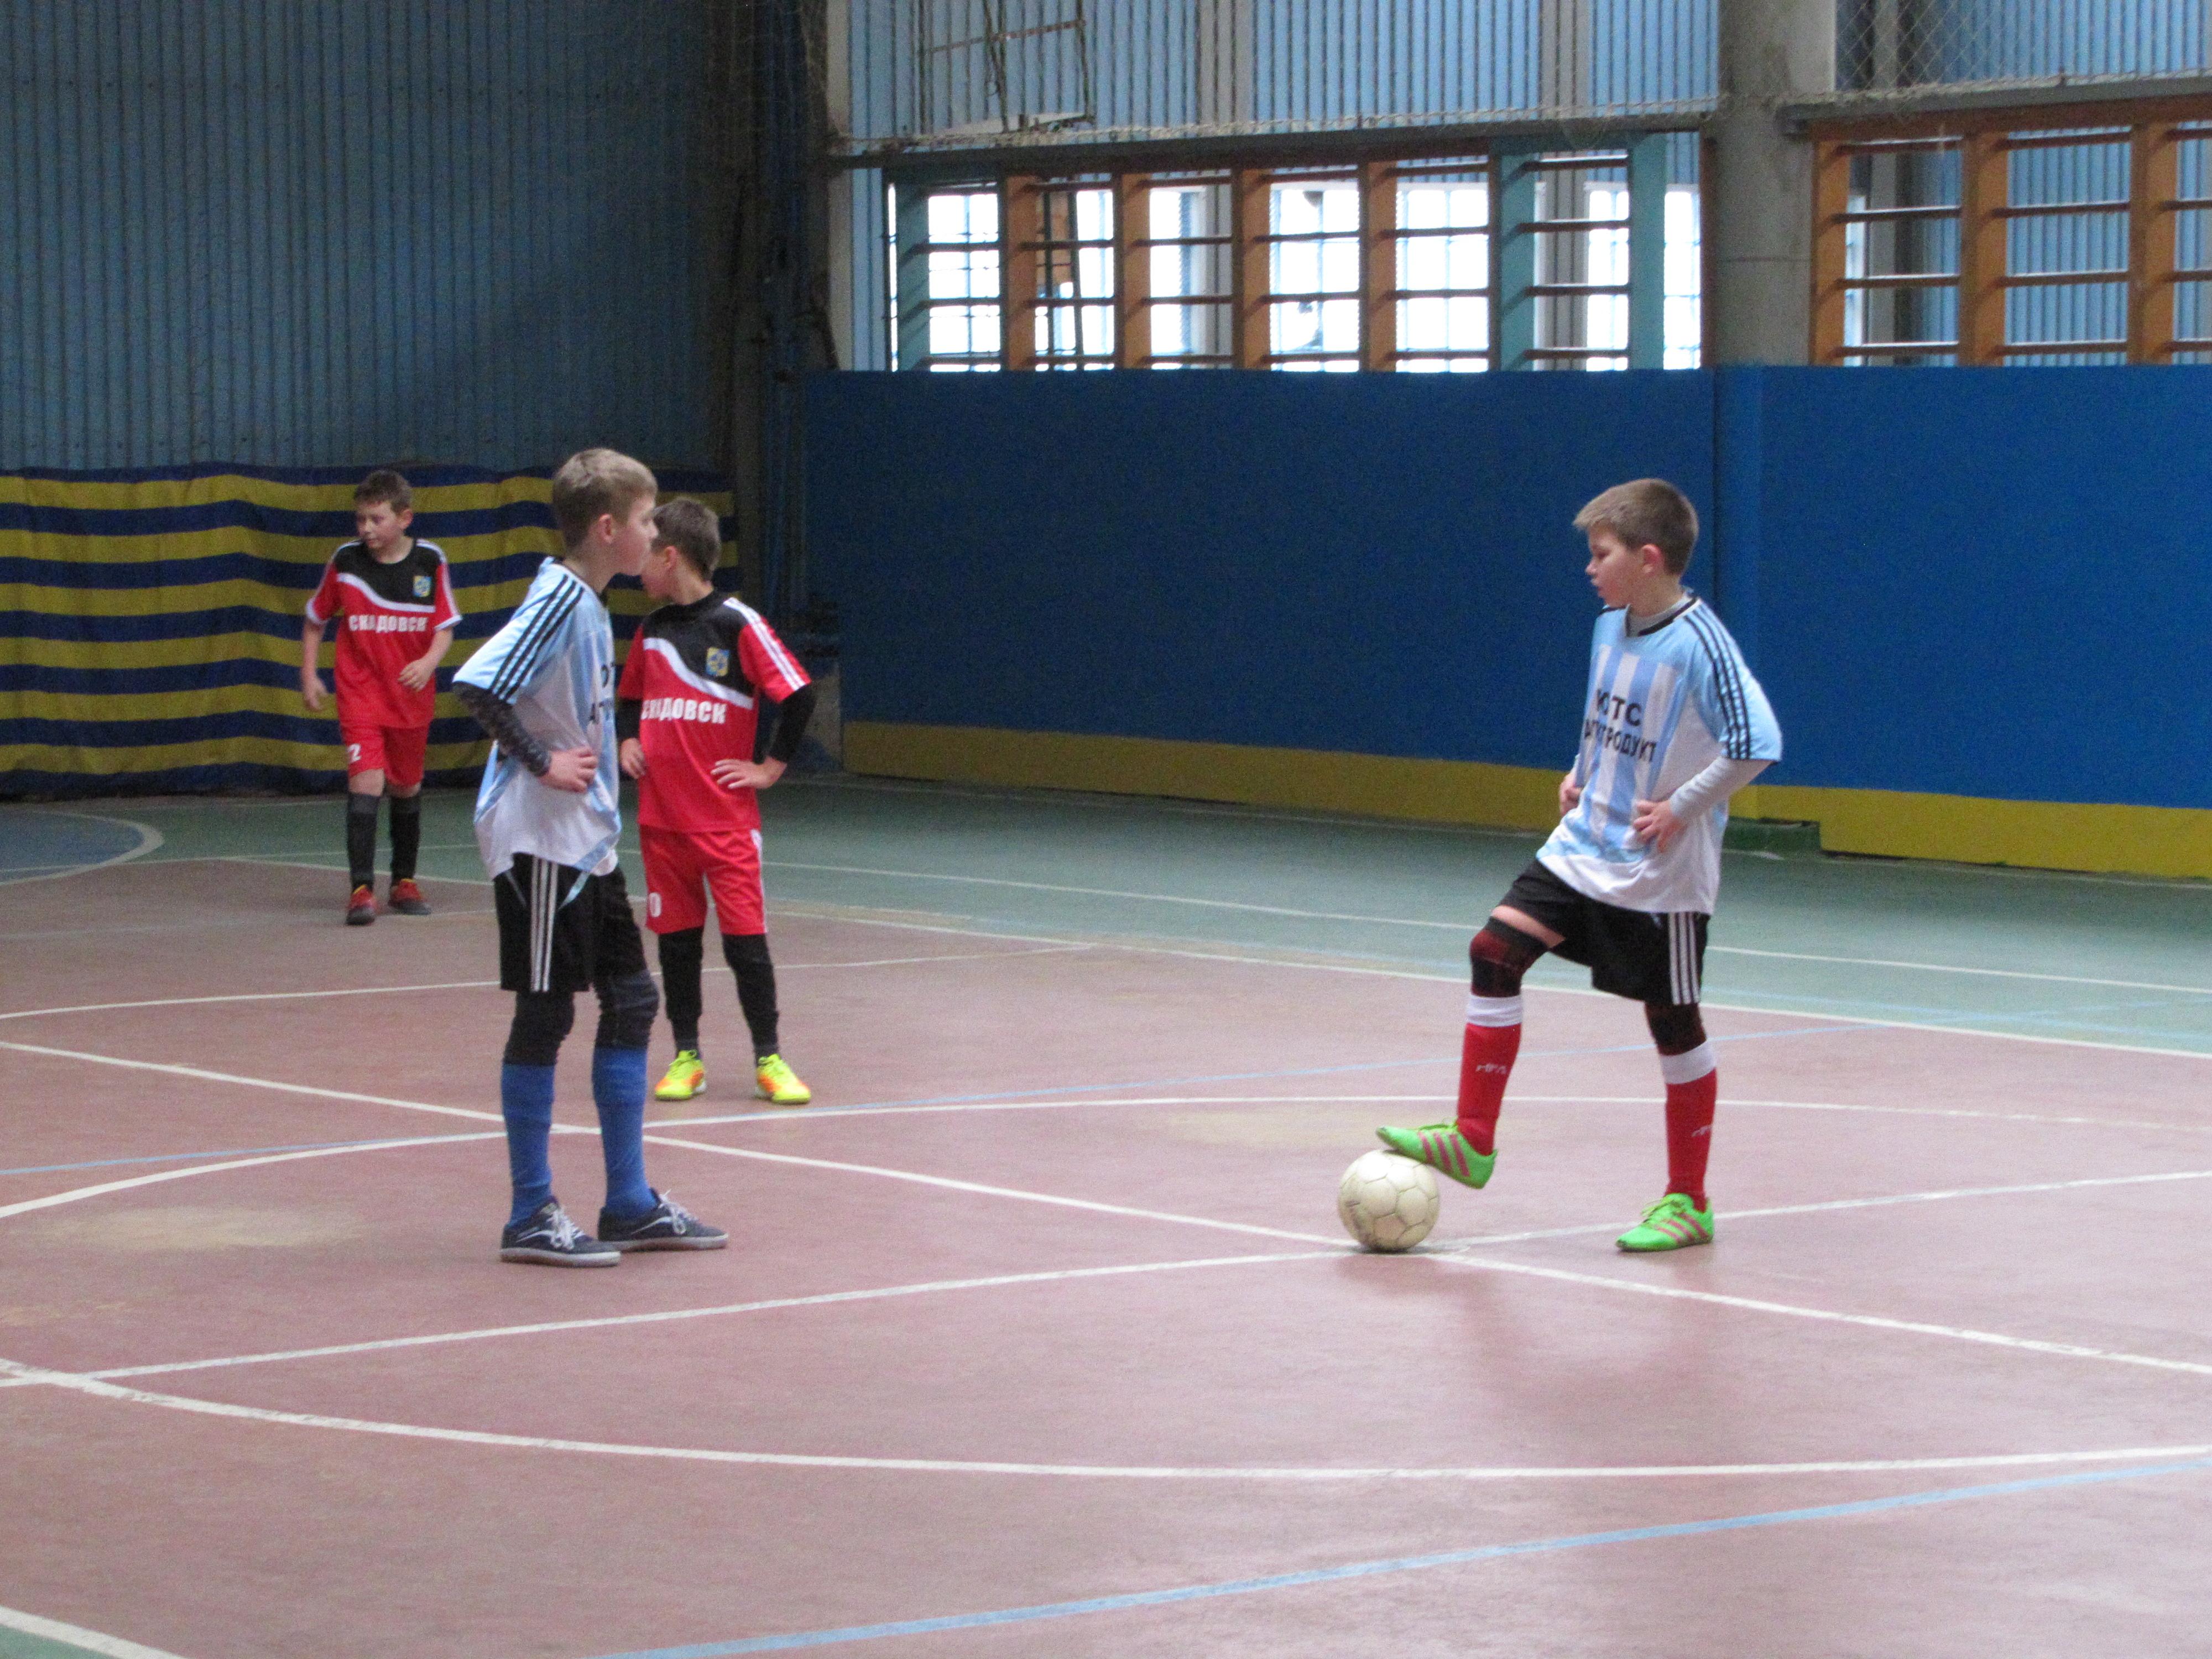 11 лютого відбулись півфінальні матчі Чемпіонату Херсонської області з футзалу серед юнаків 2005-2006 років народження.